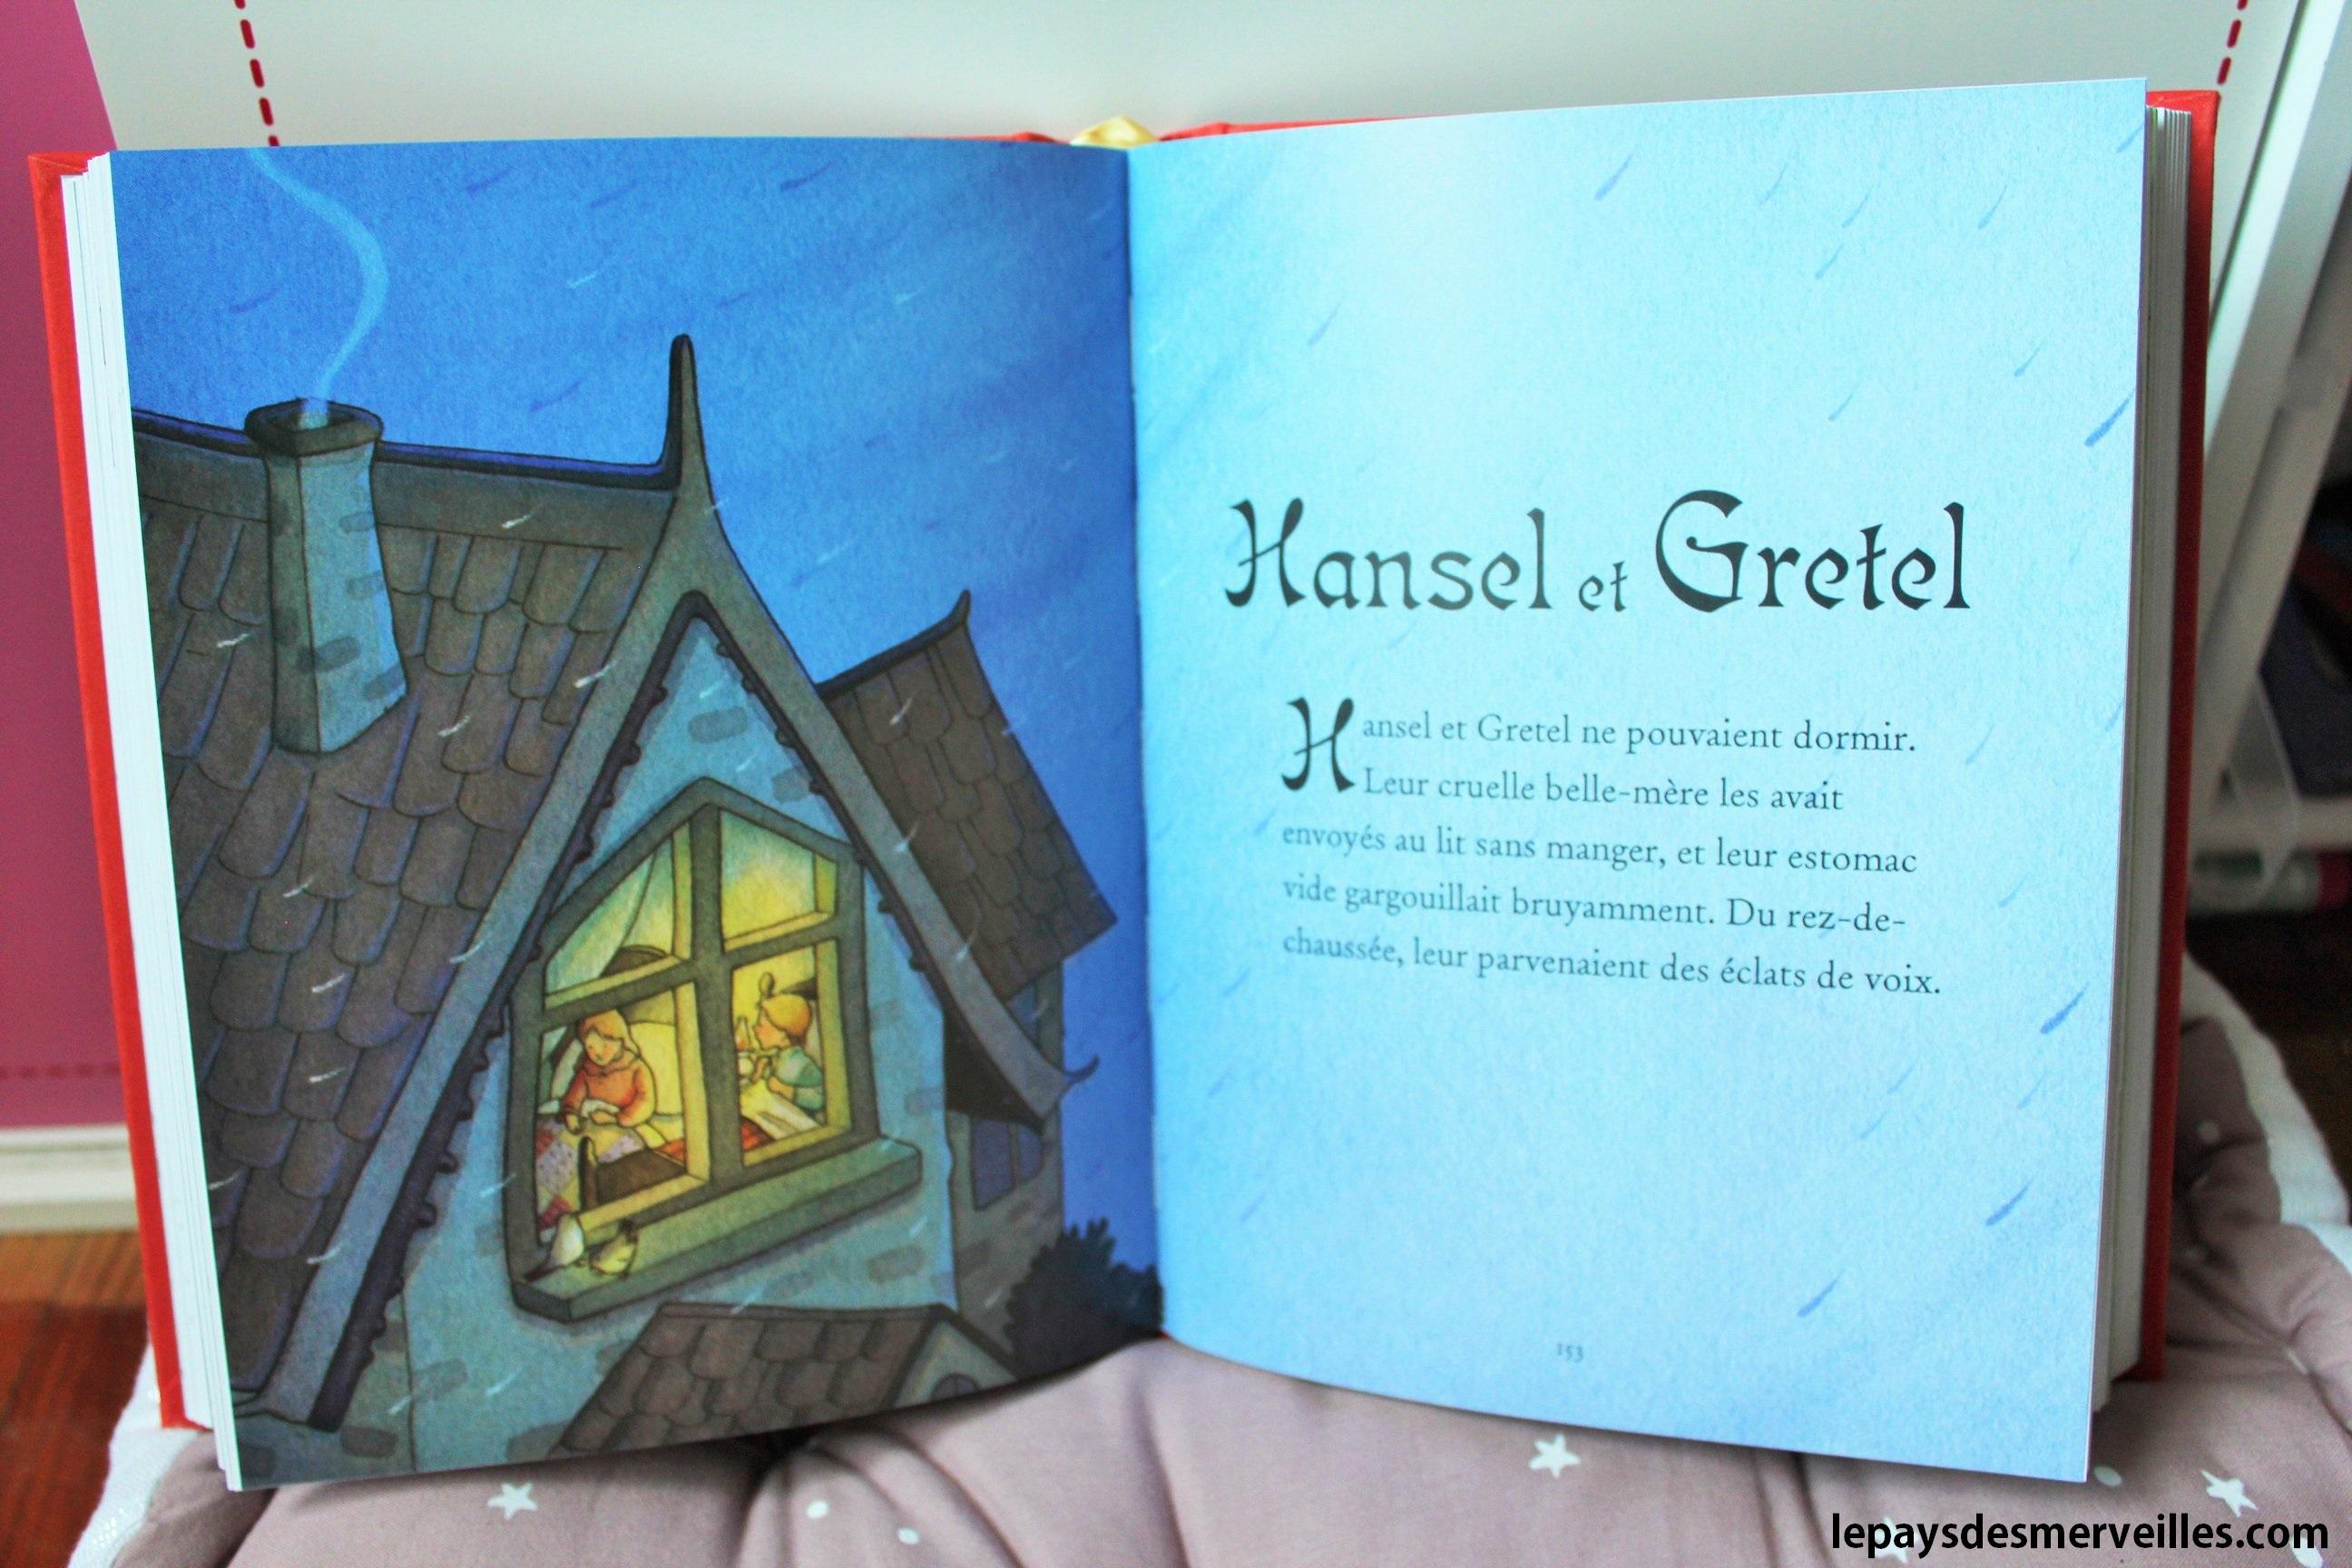 Contes et histoires illustrés - Editions de Luxe - Editions Usborne (Chut, les enfants lisent